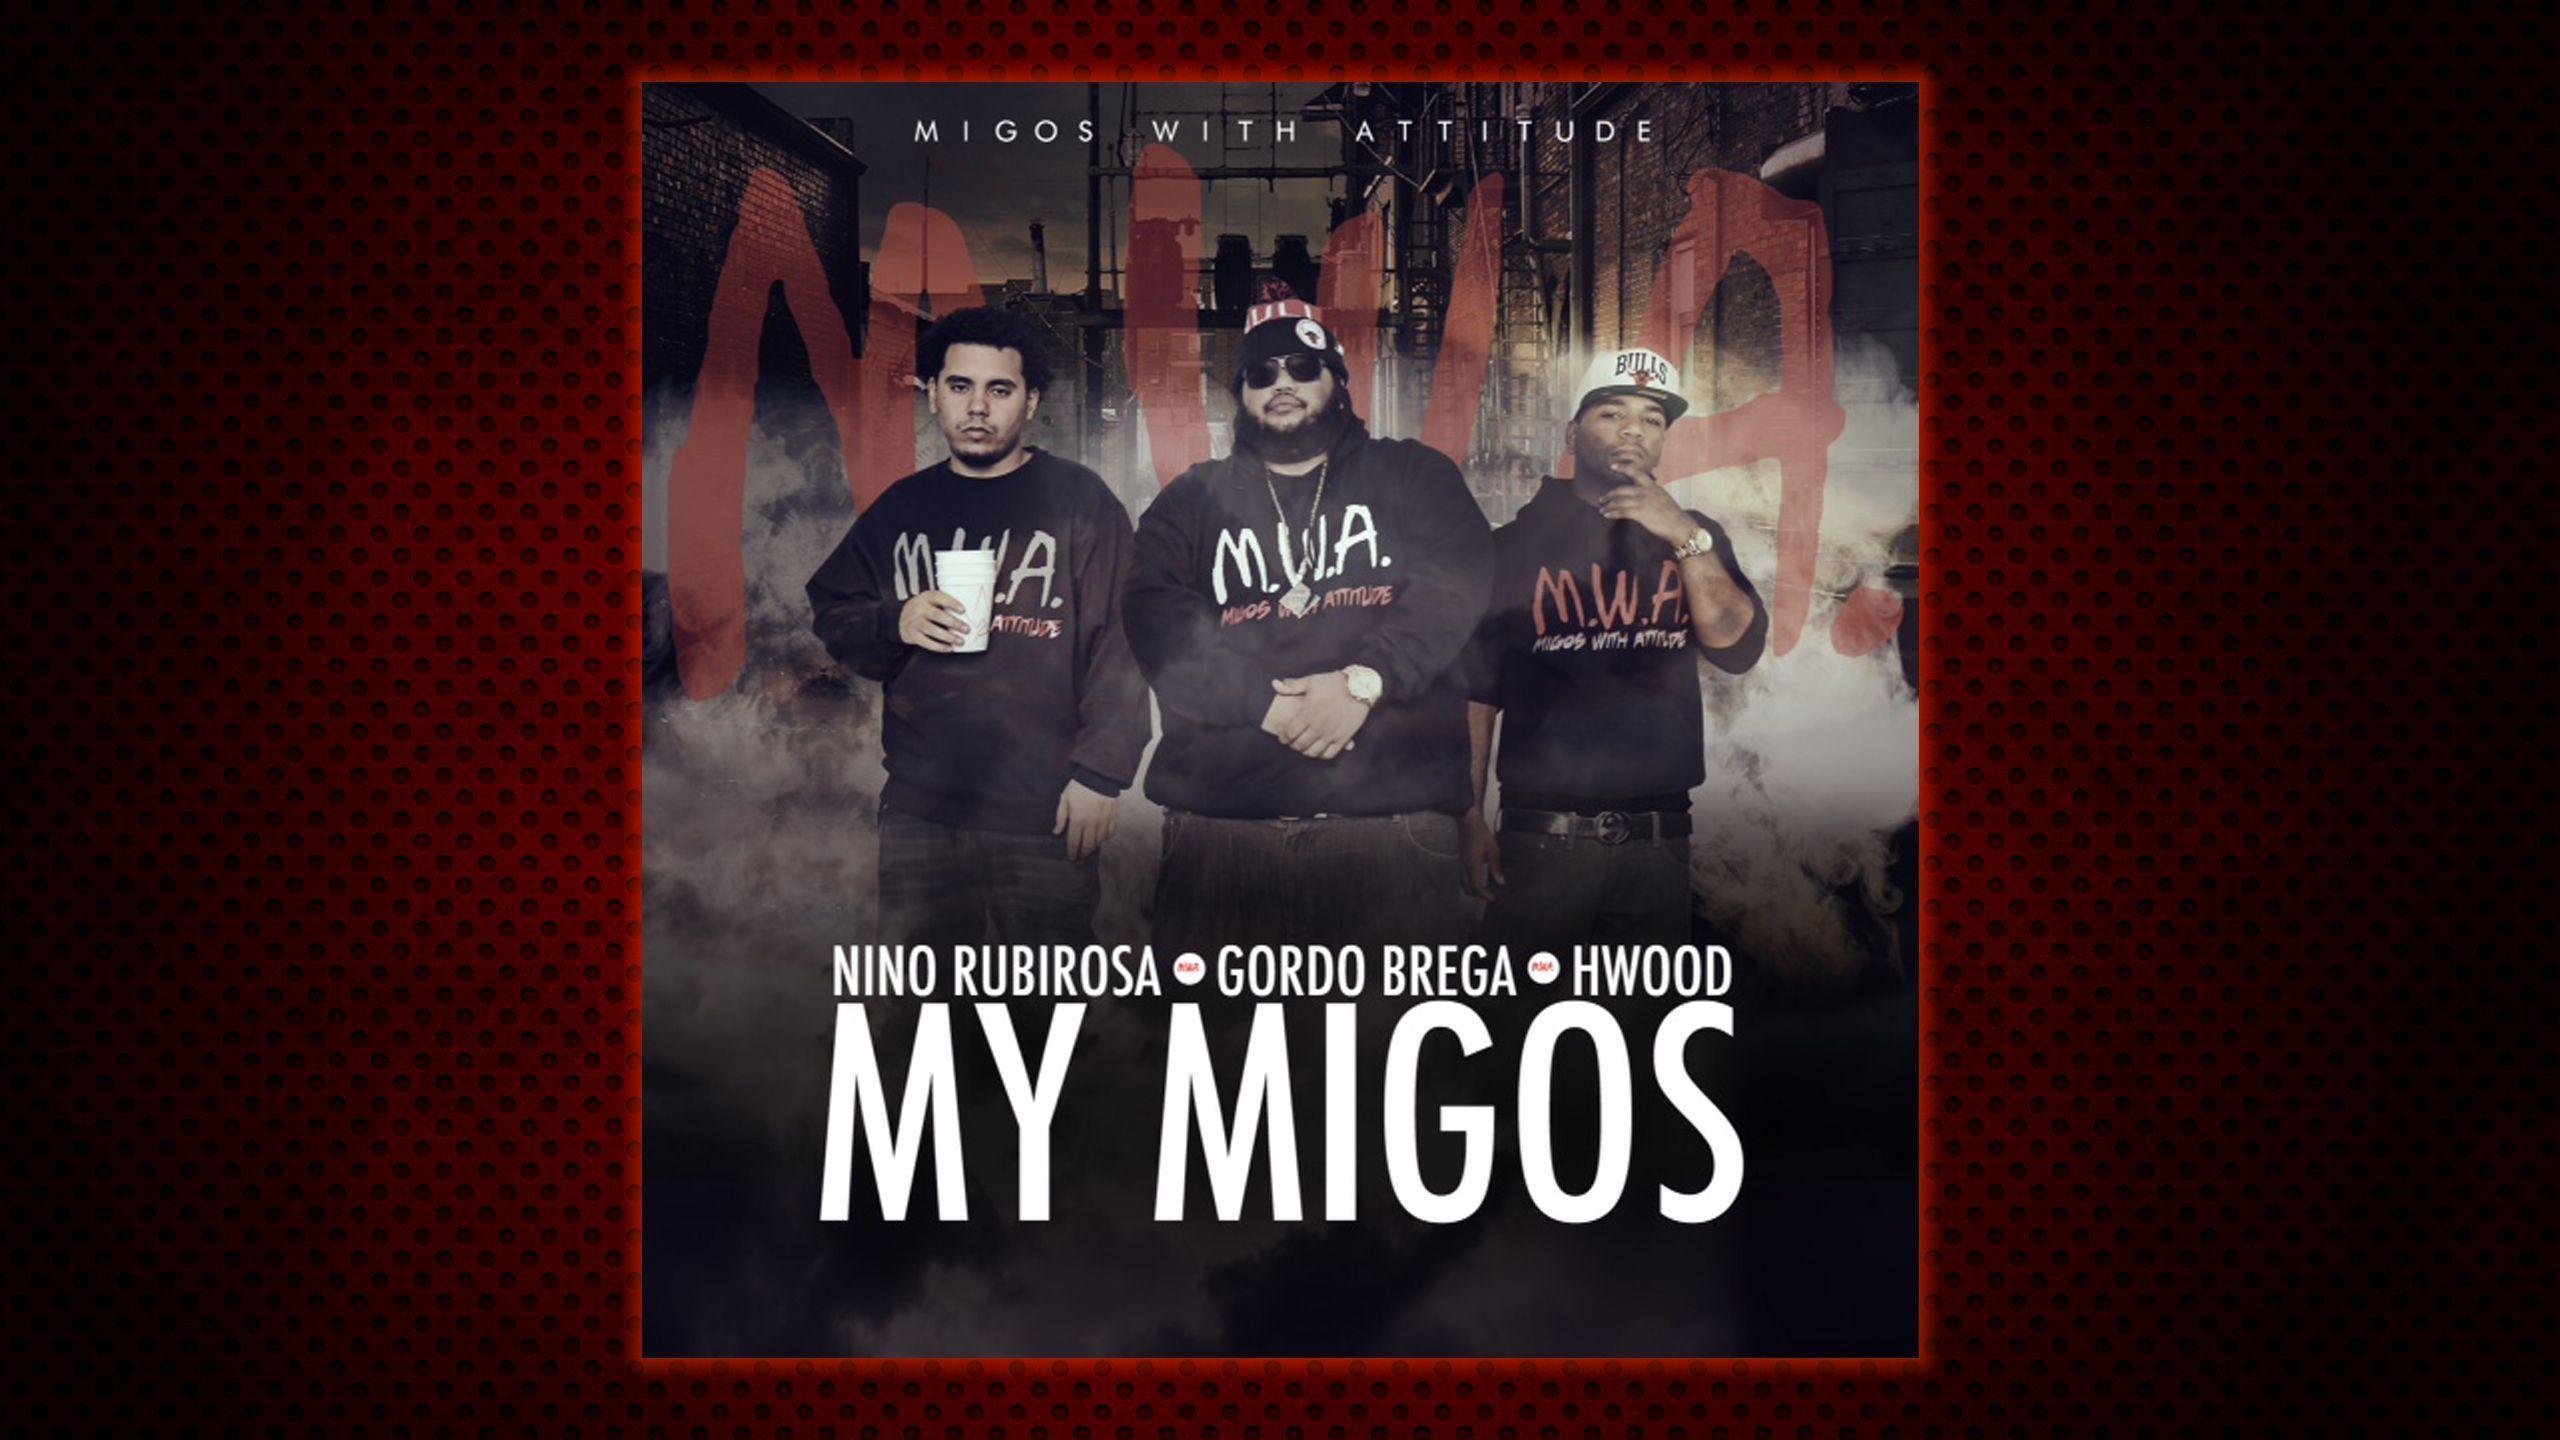 Mi Nino Rubirosa Gordo Brega Hwood My Migos 2560x1440 | #1636546 #mi